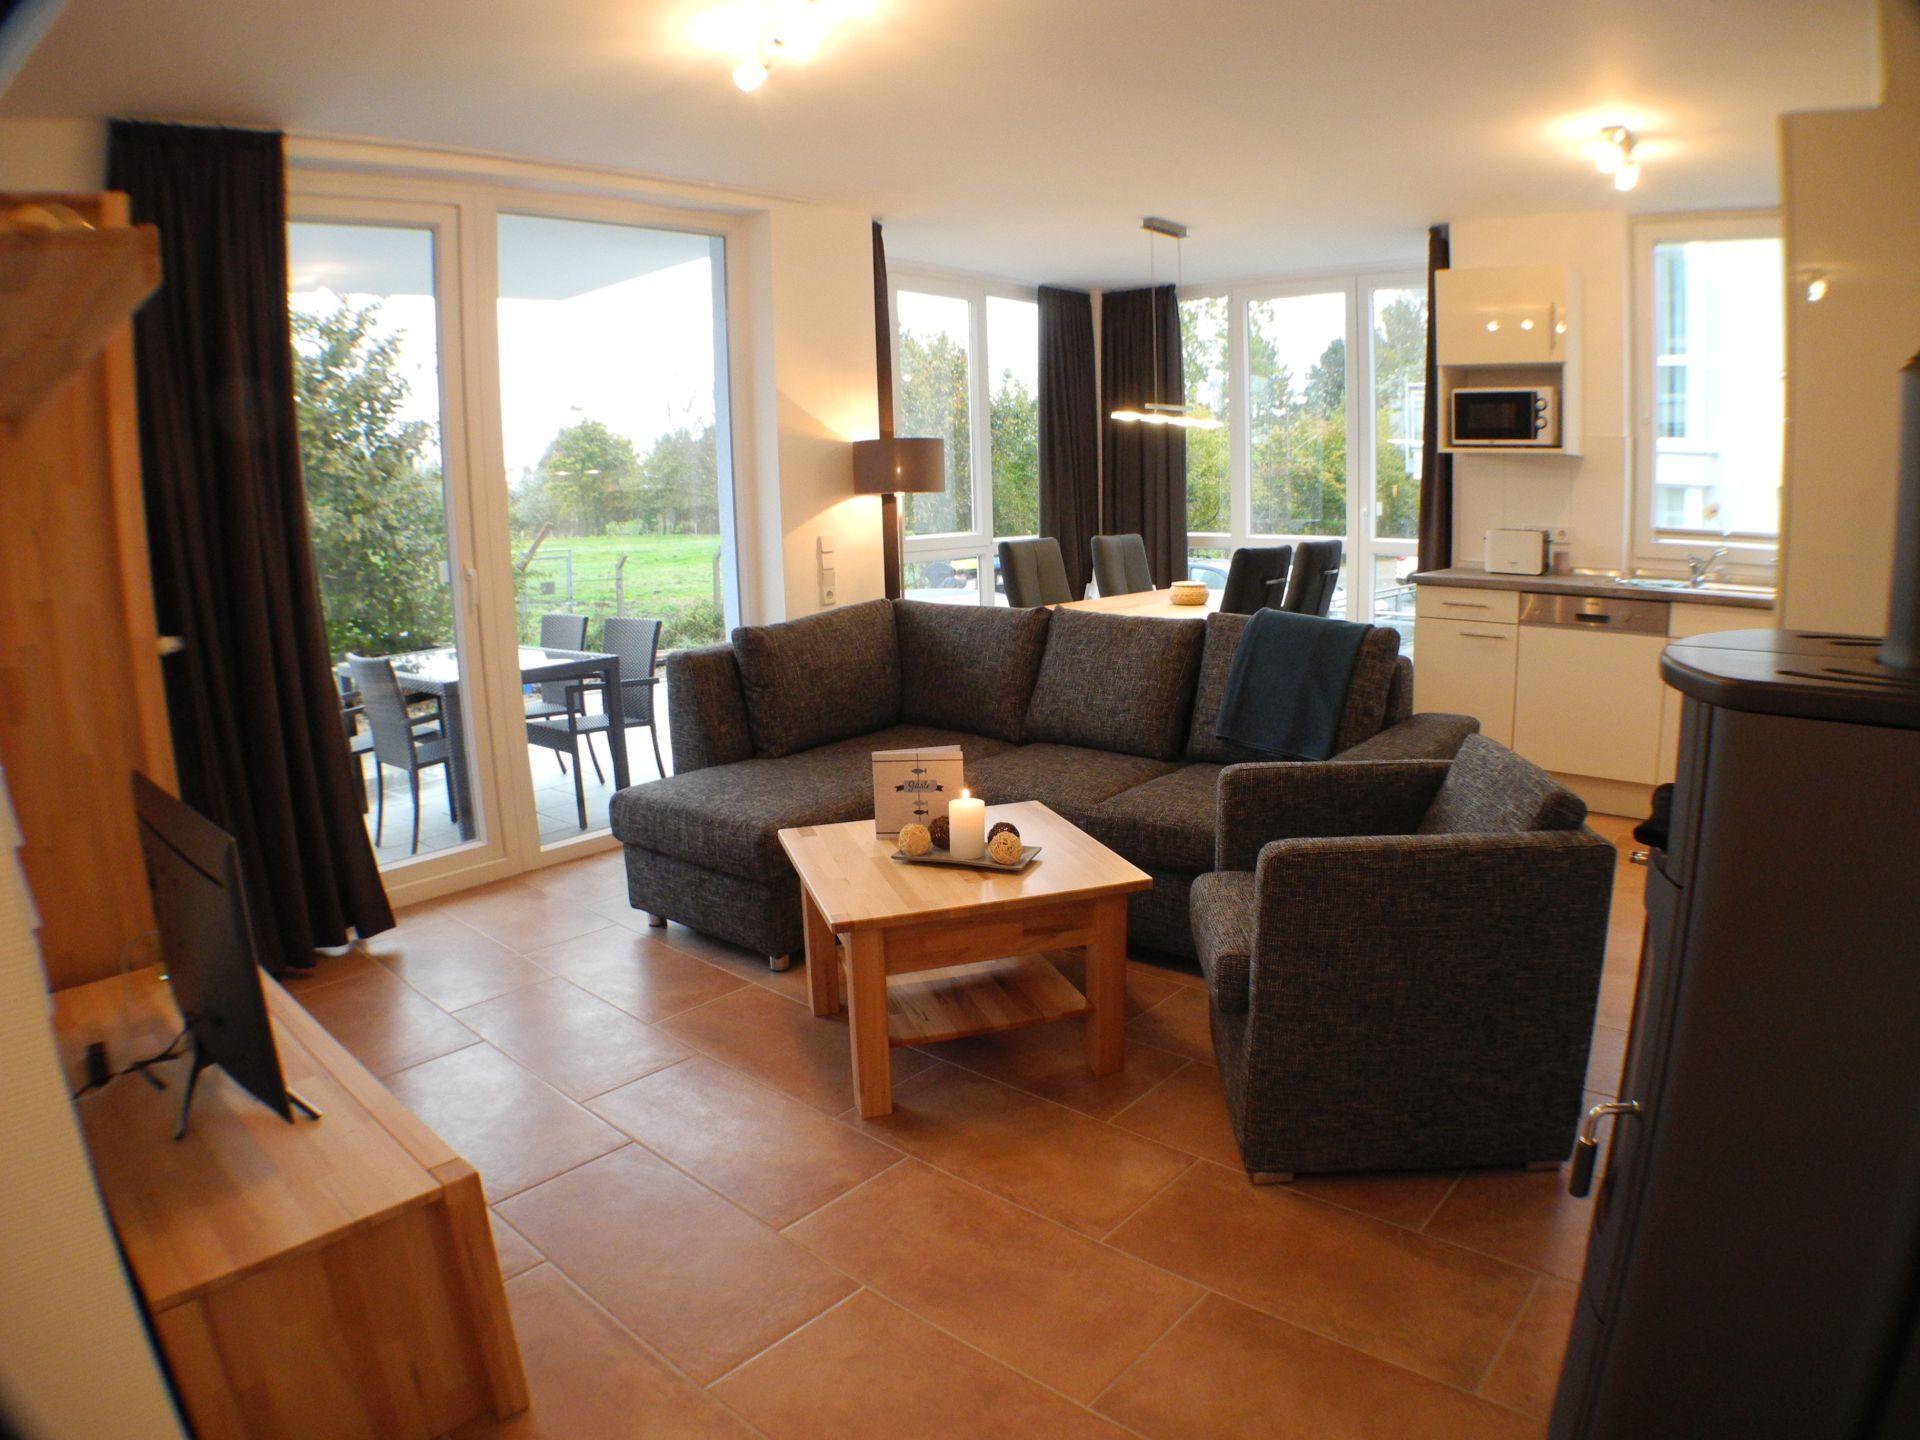 sitzecke wohnzimmer : Wohnzimmer Sonnendeck25 De